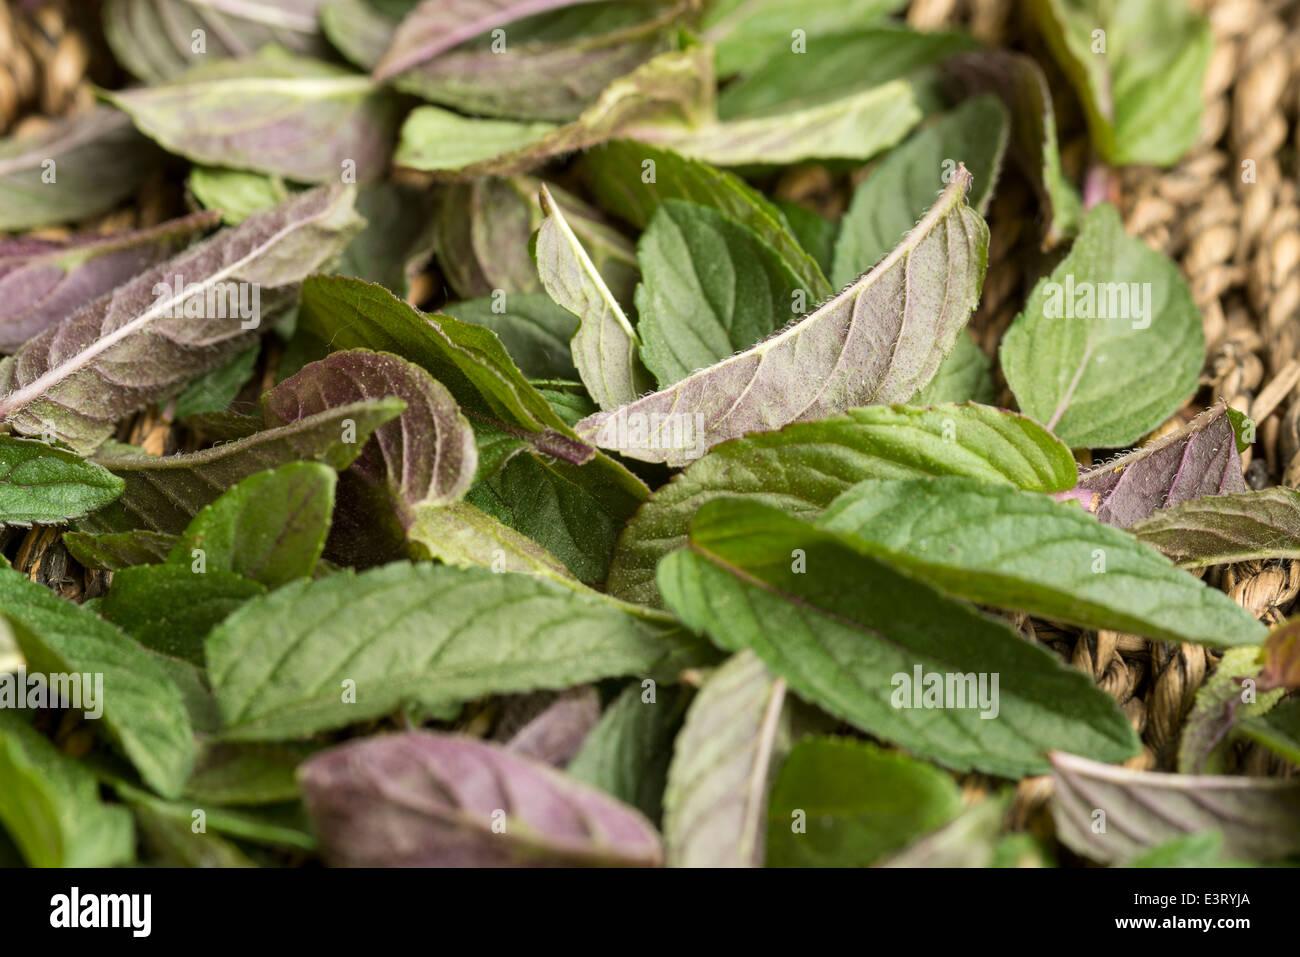 Frisch geerntete Pfefferminze Blätter in einem Korb, Oregon. Stockbild